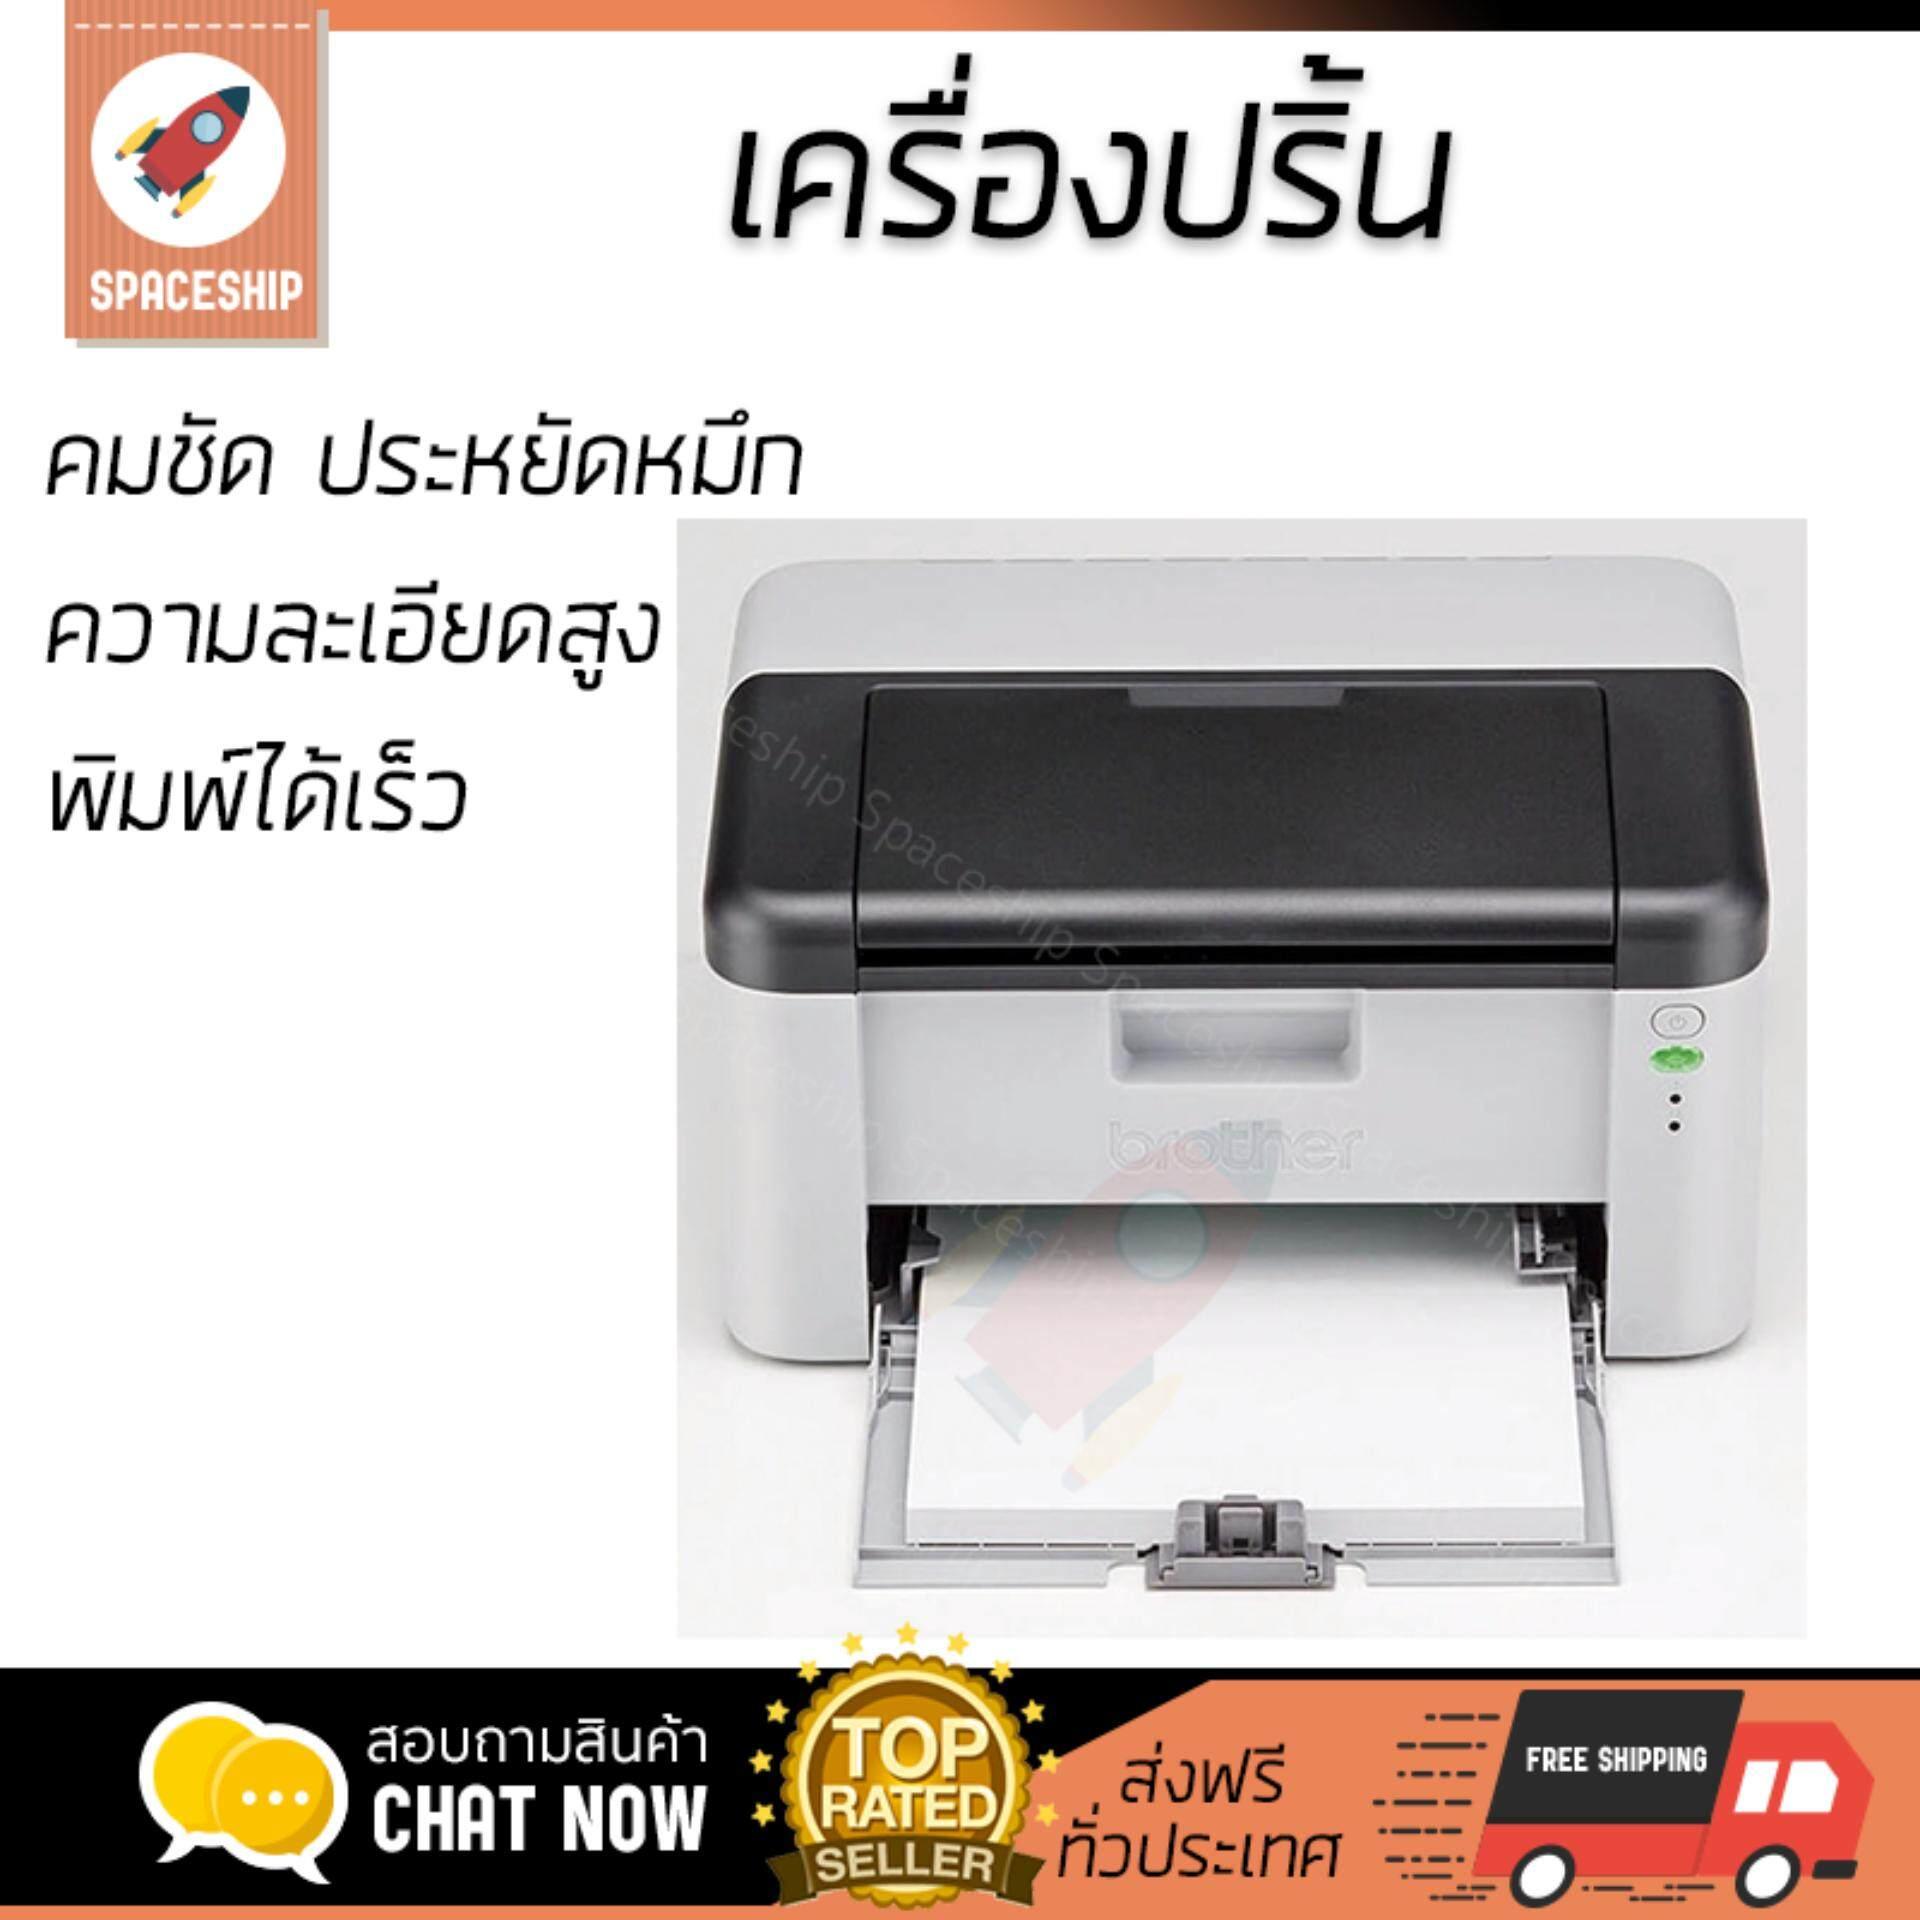 เก็บเงินปลายทางได้ โปรโมชัน เครื่องพิมพ์เลเซอร์           BROTHER ปริ้นเตอร์ เลเซอร์ รุ่น LS HL-1210WIFI             ความละเอียดสูง คมชัด พิมพ์ได้รวดเร็ว เครื่องปริ้น เครื่องปริ้นท์ Laser Printer รับป